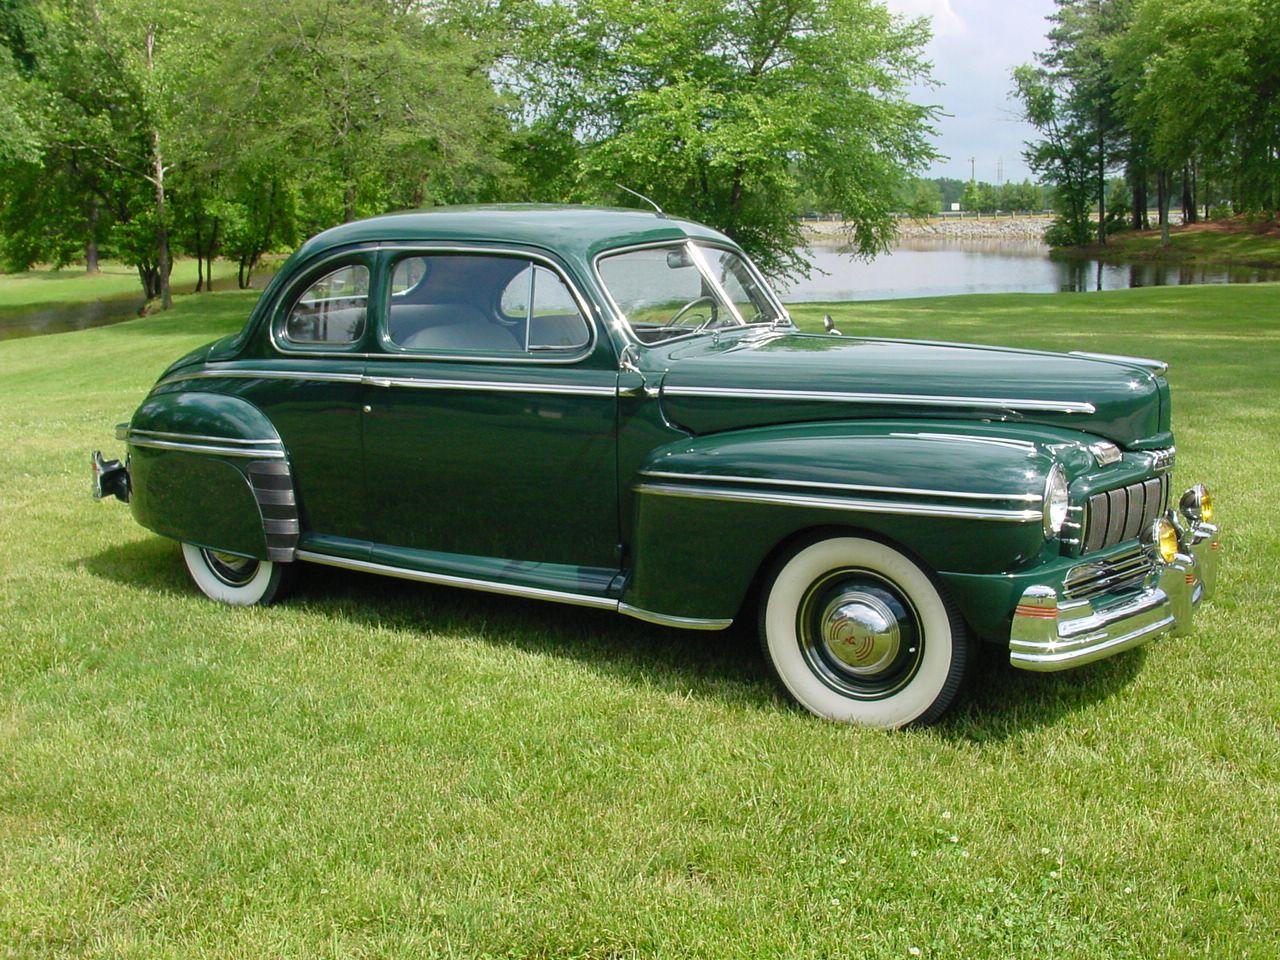 1946 Mercury | Antique Cars - Mercury | Pinterest | Mercury cars ...